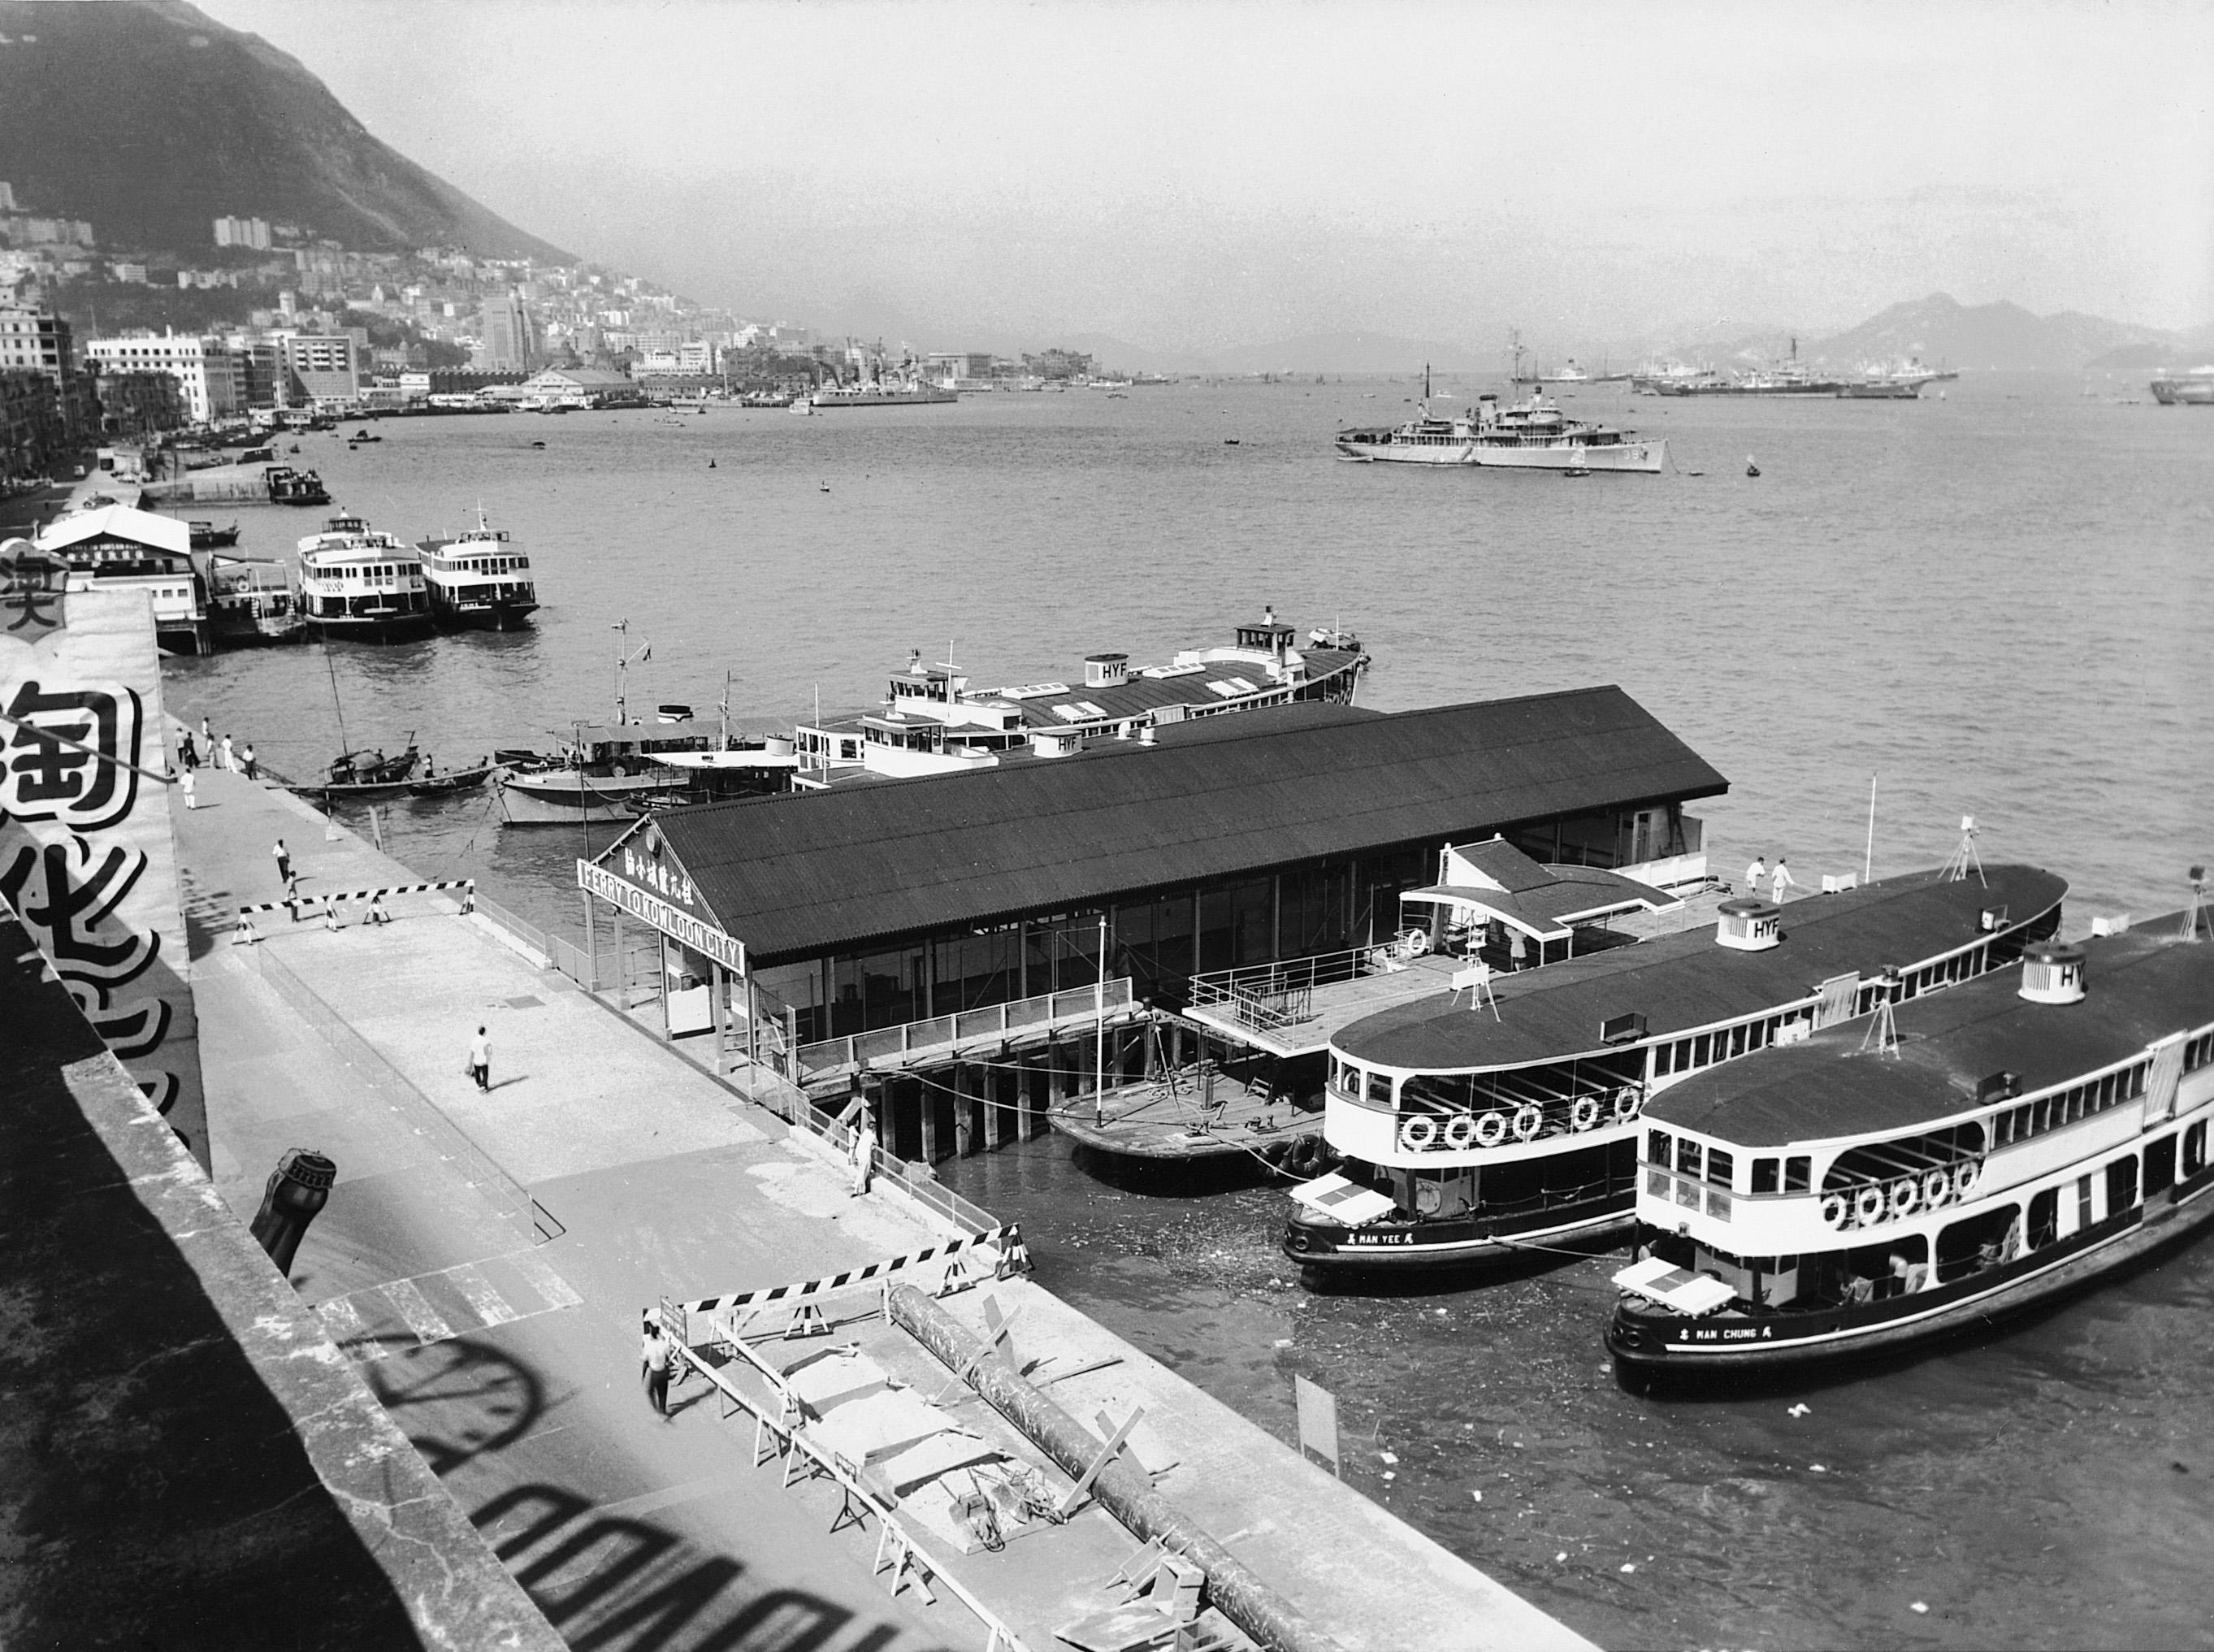 http://ubeat.com.cuhk.edu.hk/wp-content/uploads/2018/139_ferry_05.jpg